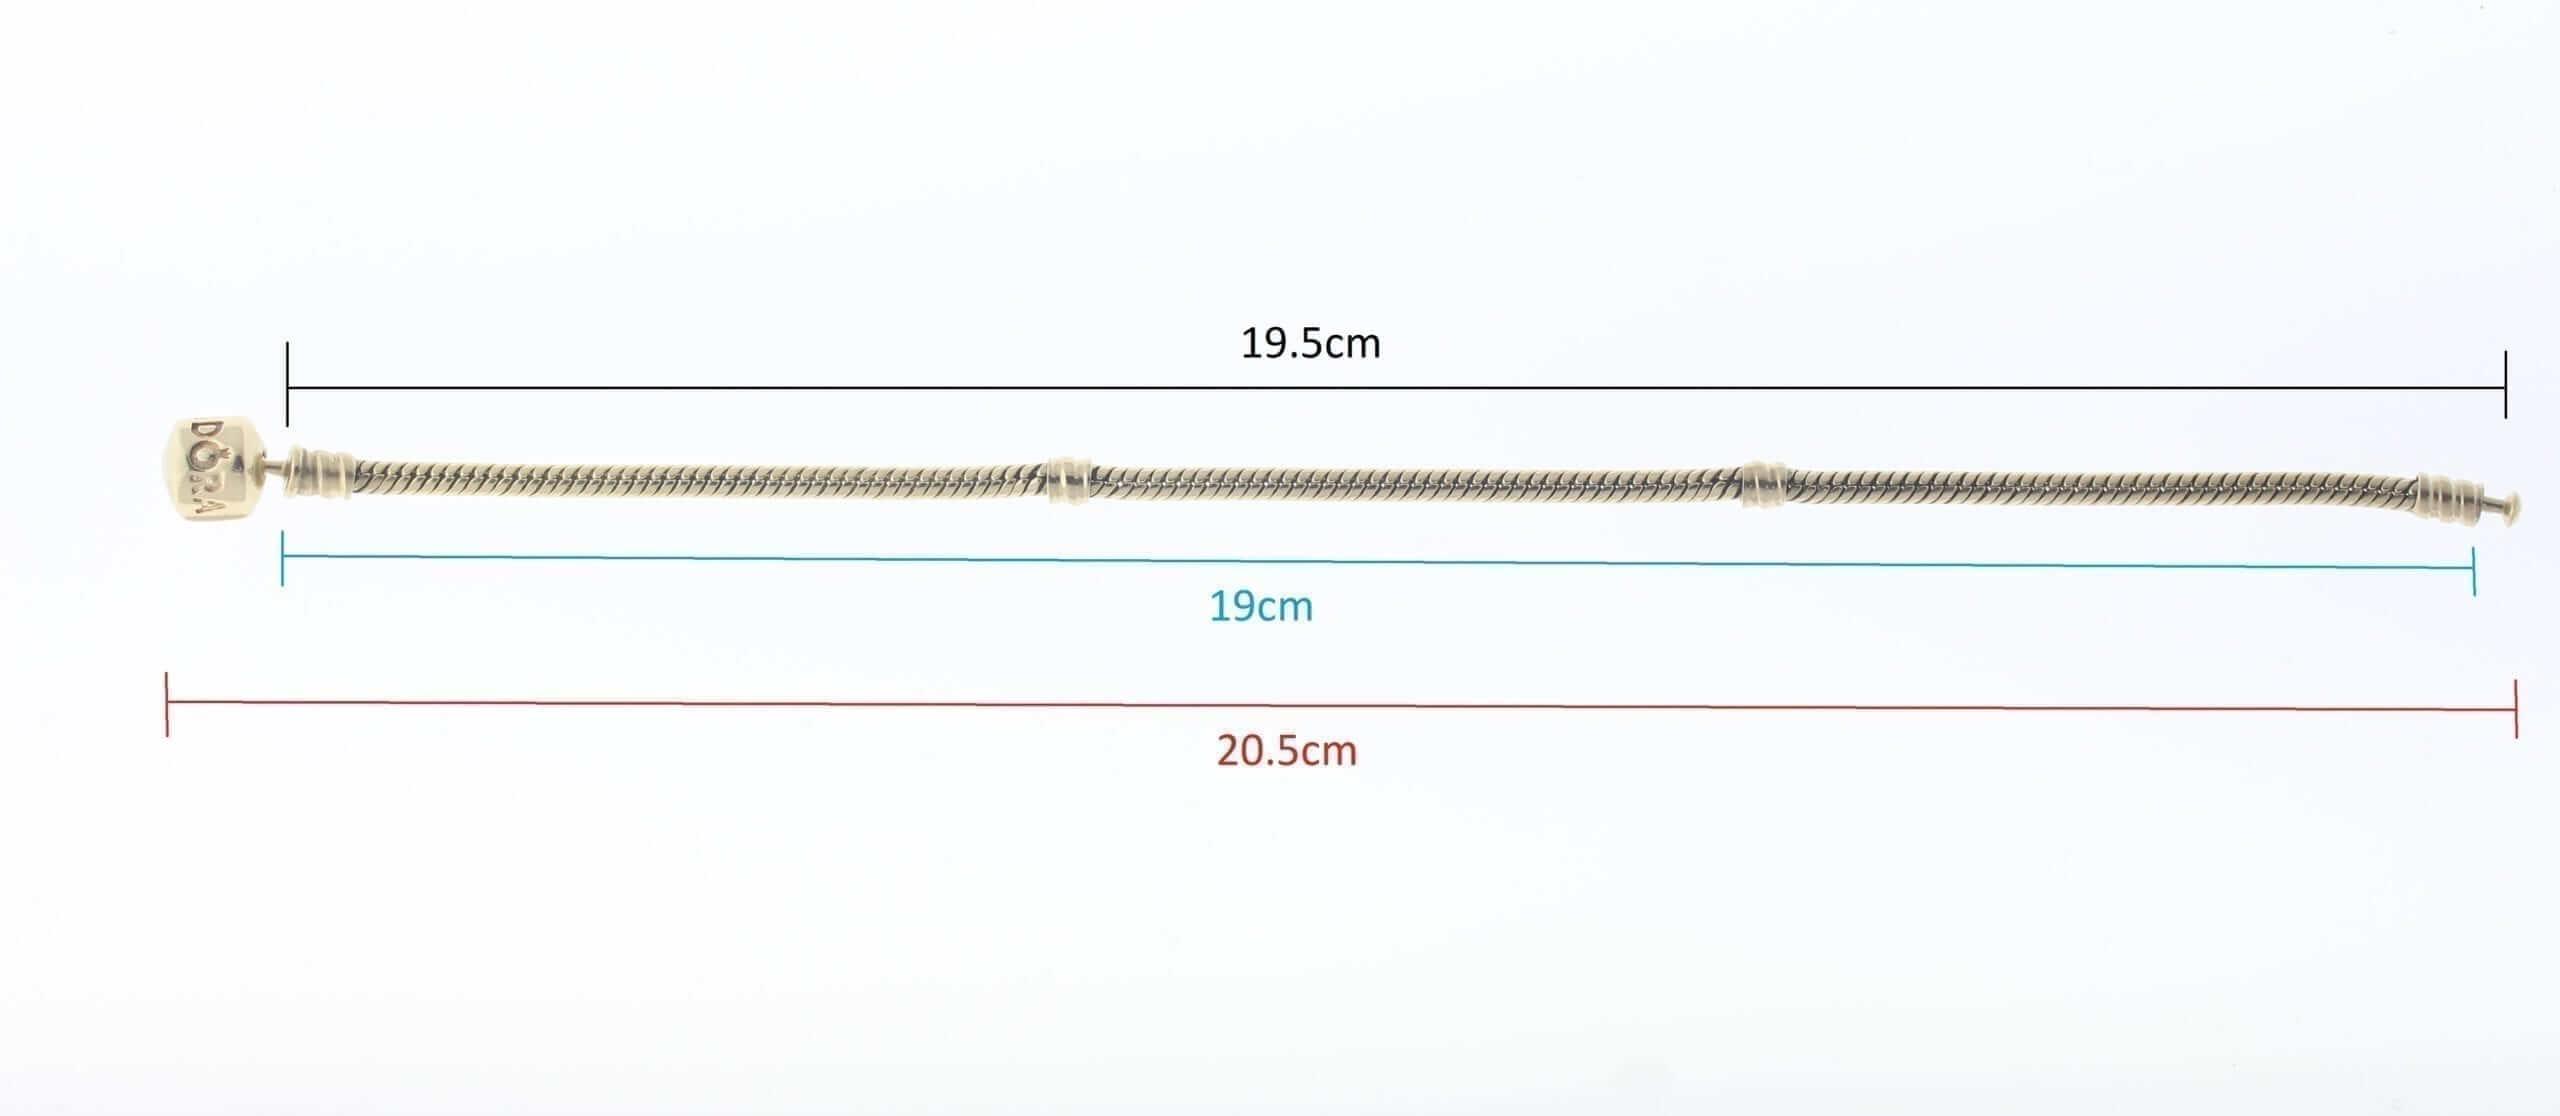 Pandora Moments 14ct Gold Charm Bracelet - 550702 - ALE 585 2